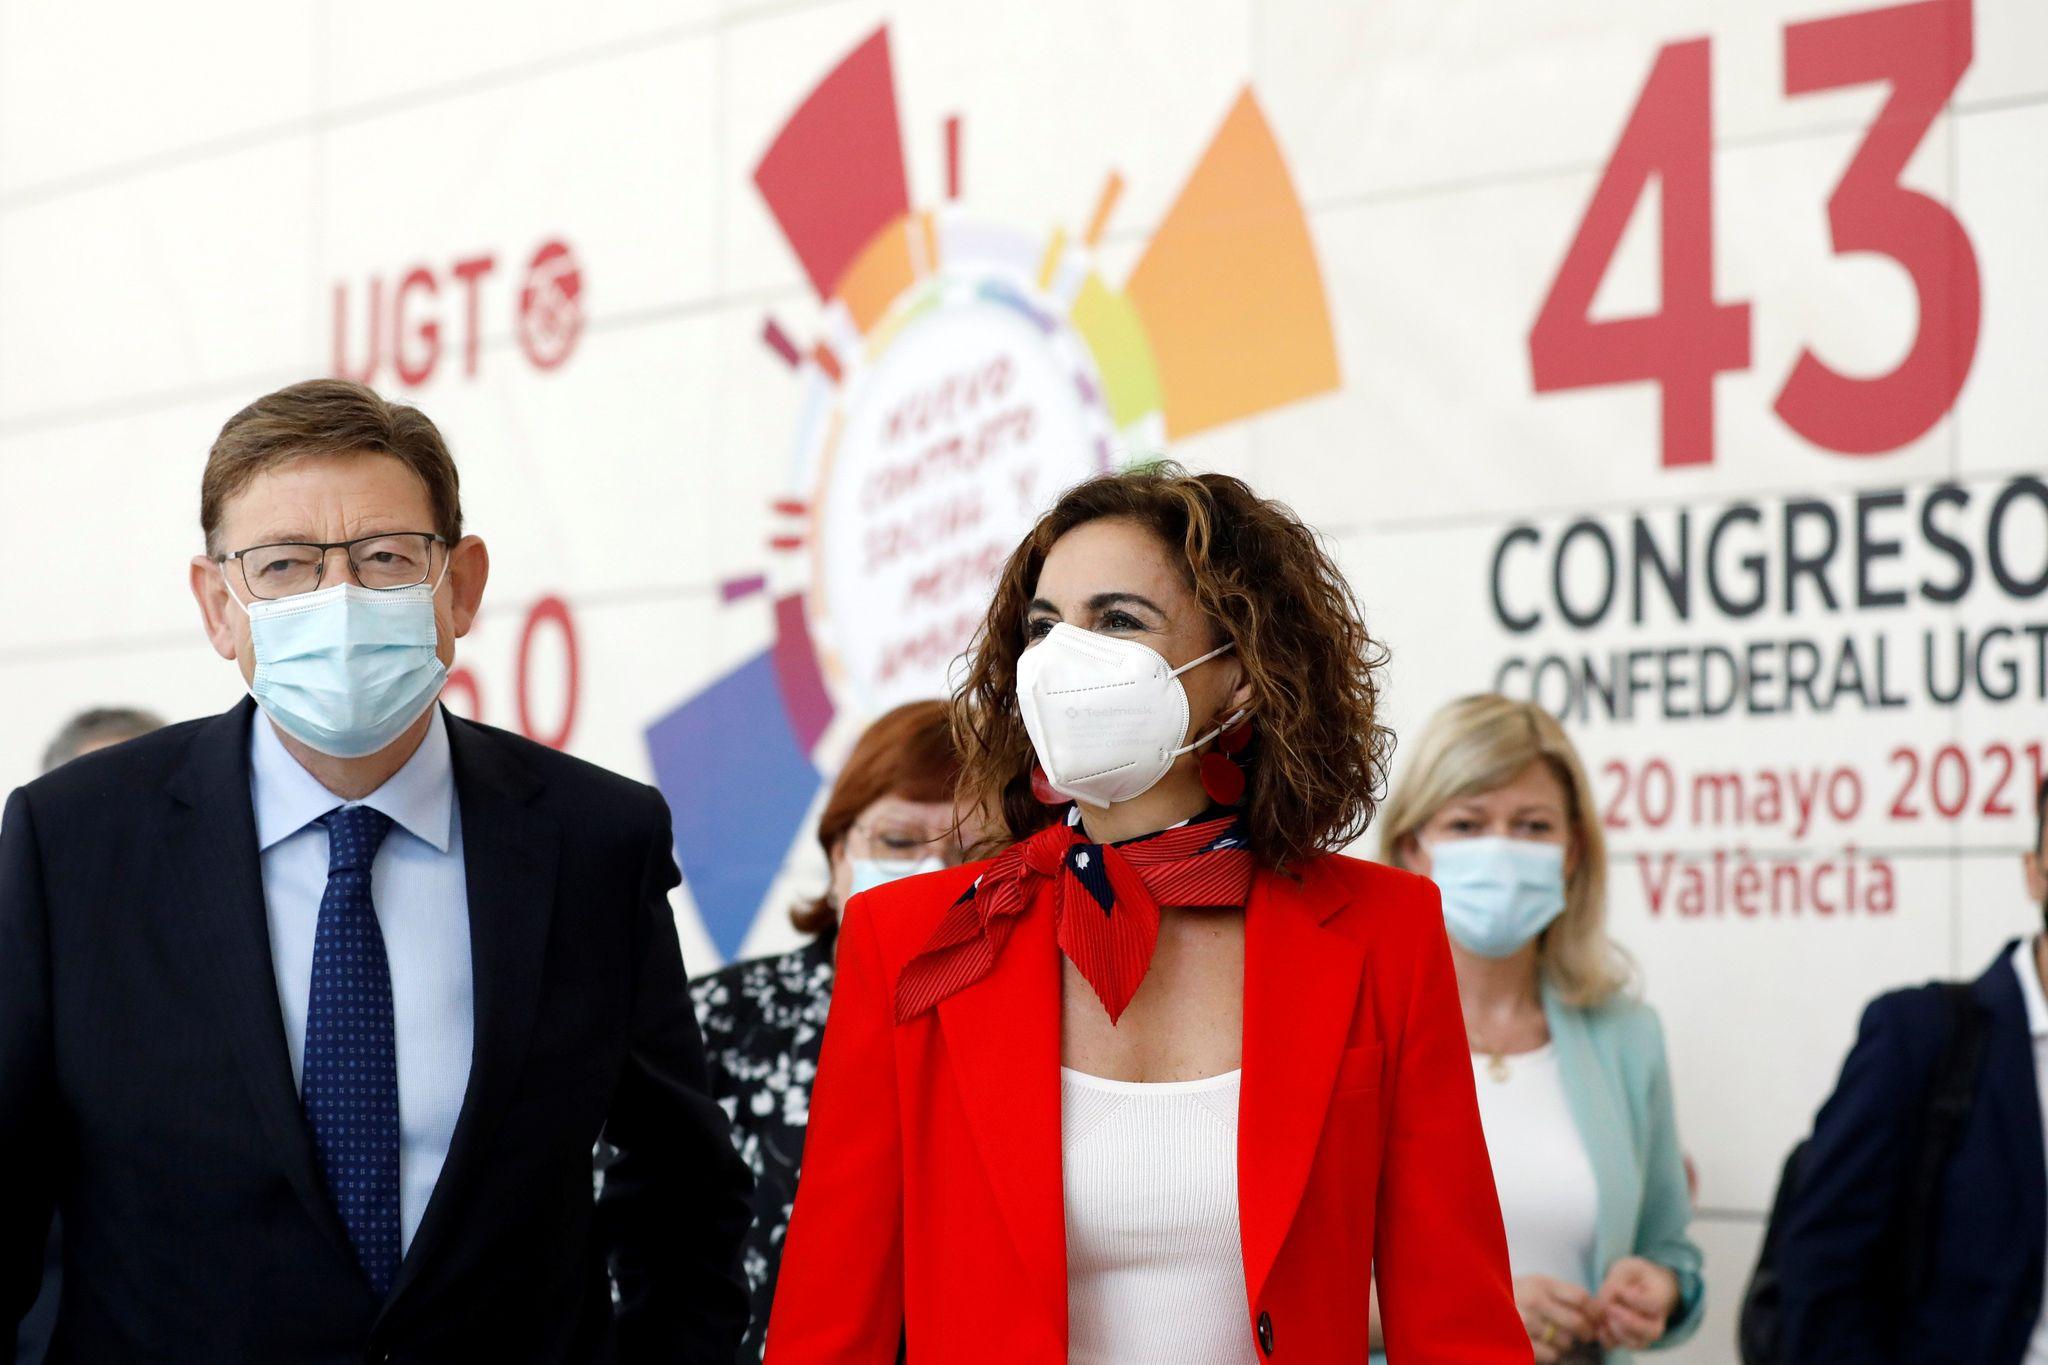 La ministra de Hacienda, María Jesús Montero, junto al presidente Ximo Puig en el Congreso de UGT.